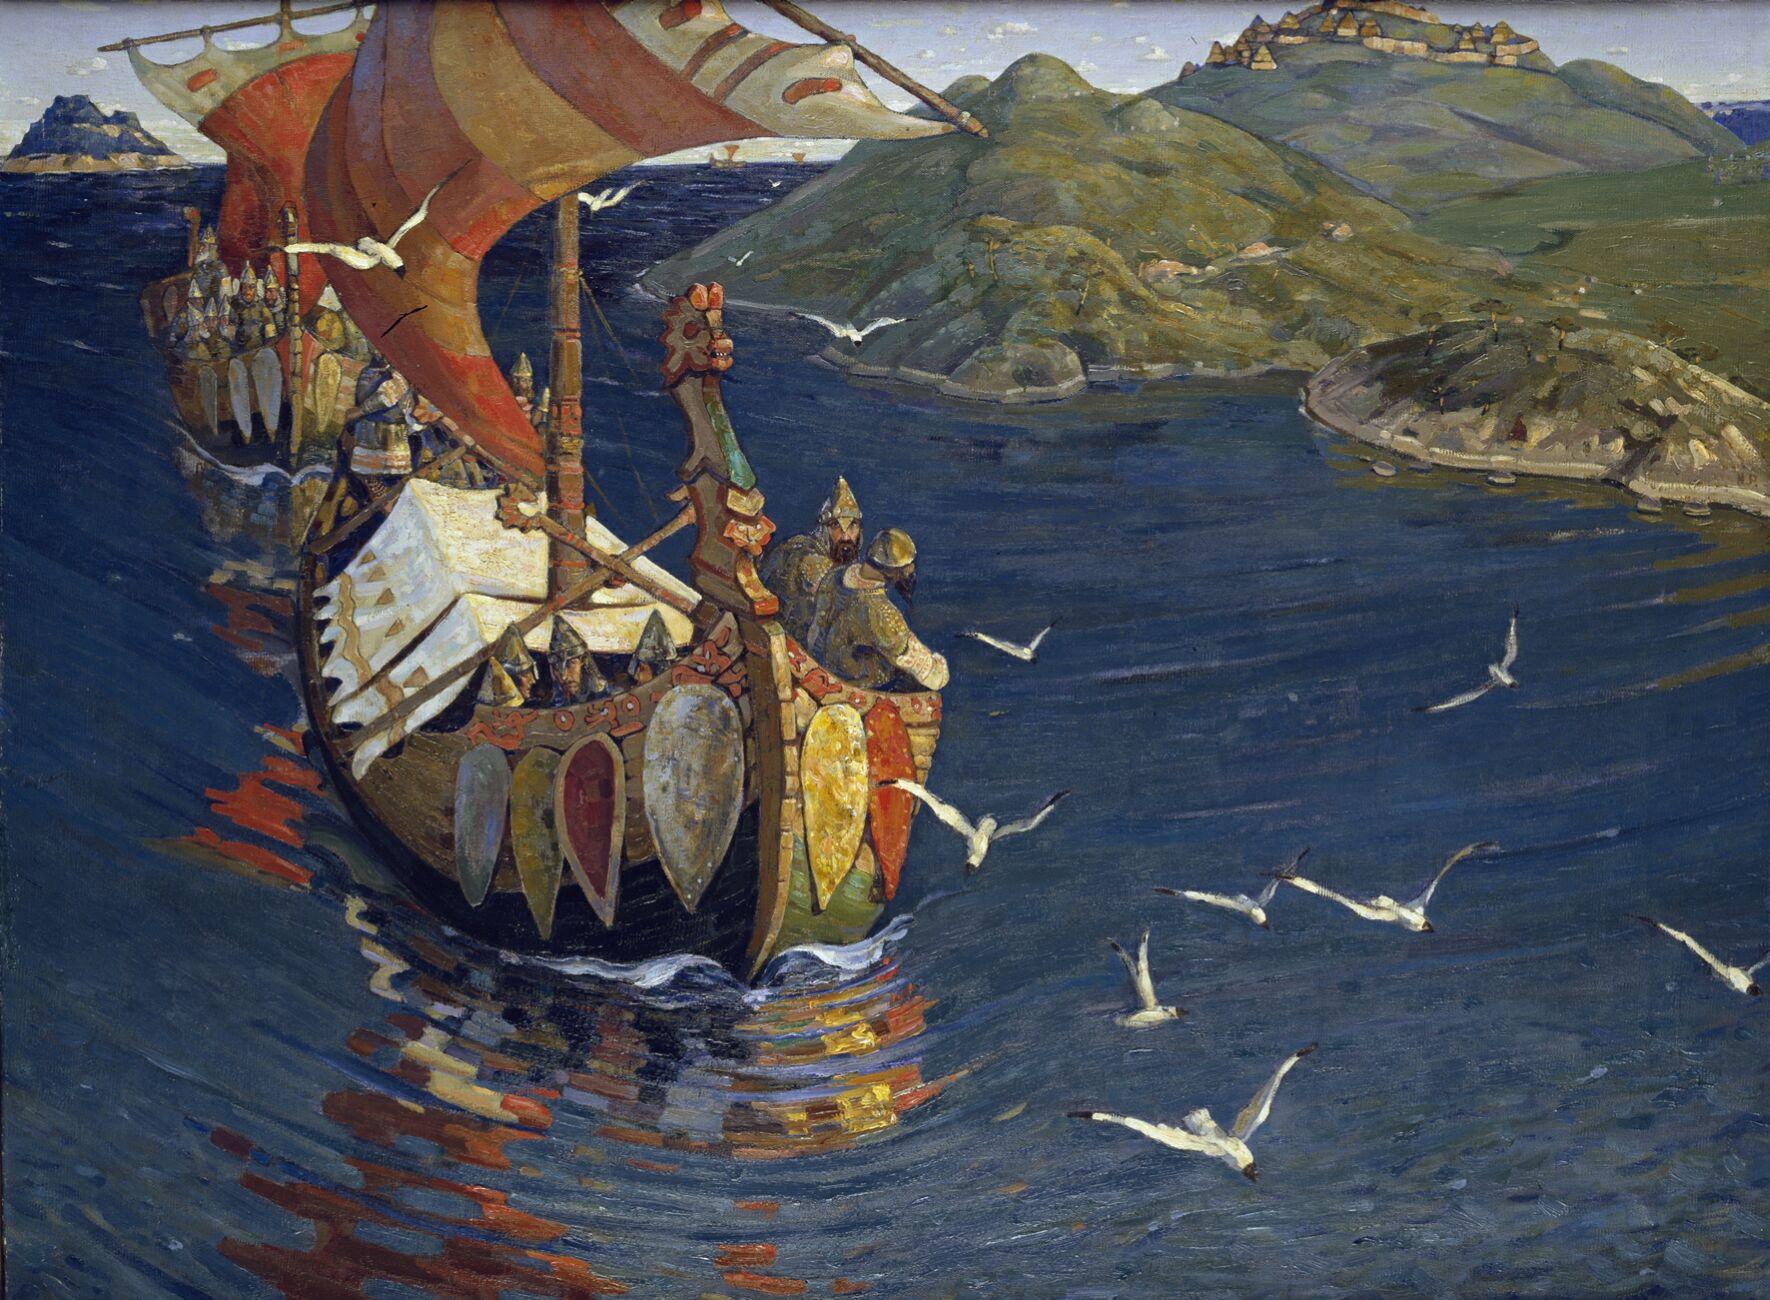 Una nave variaga  nel quadro Ospiti d'oltremare di Nicholas Roerich